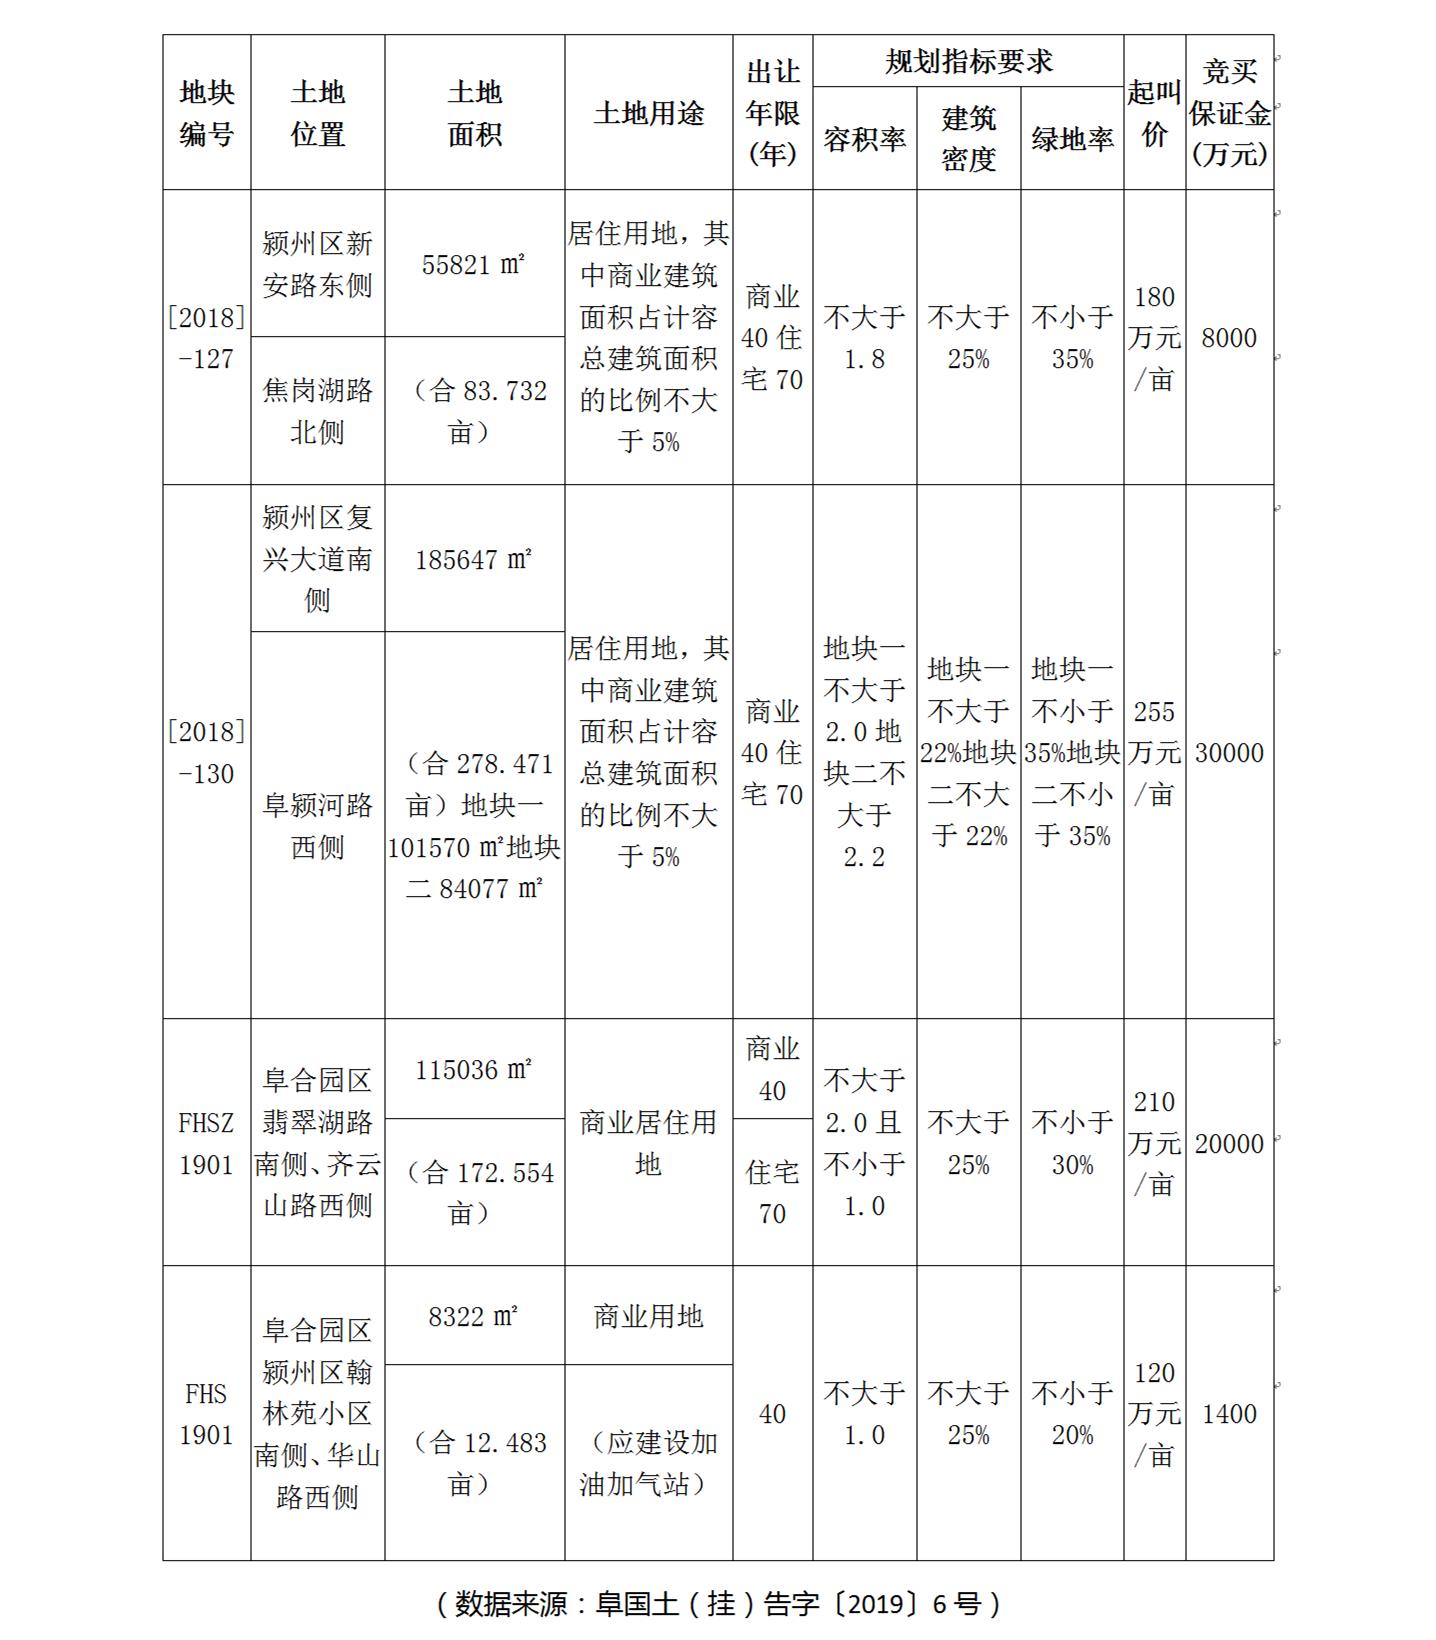 阜阳土地部门月中公告:4地块出让,1地块挂牌-中国网地产